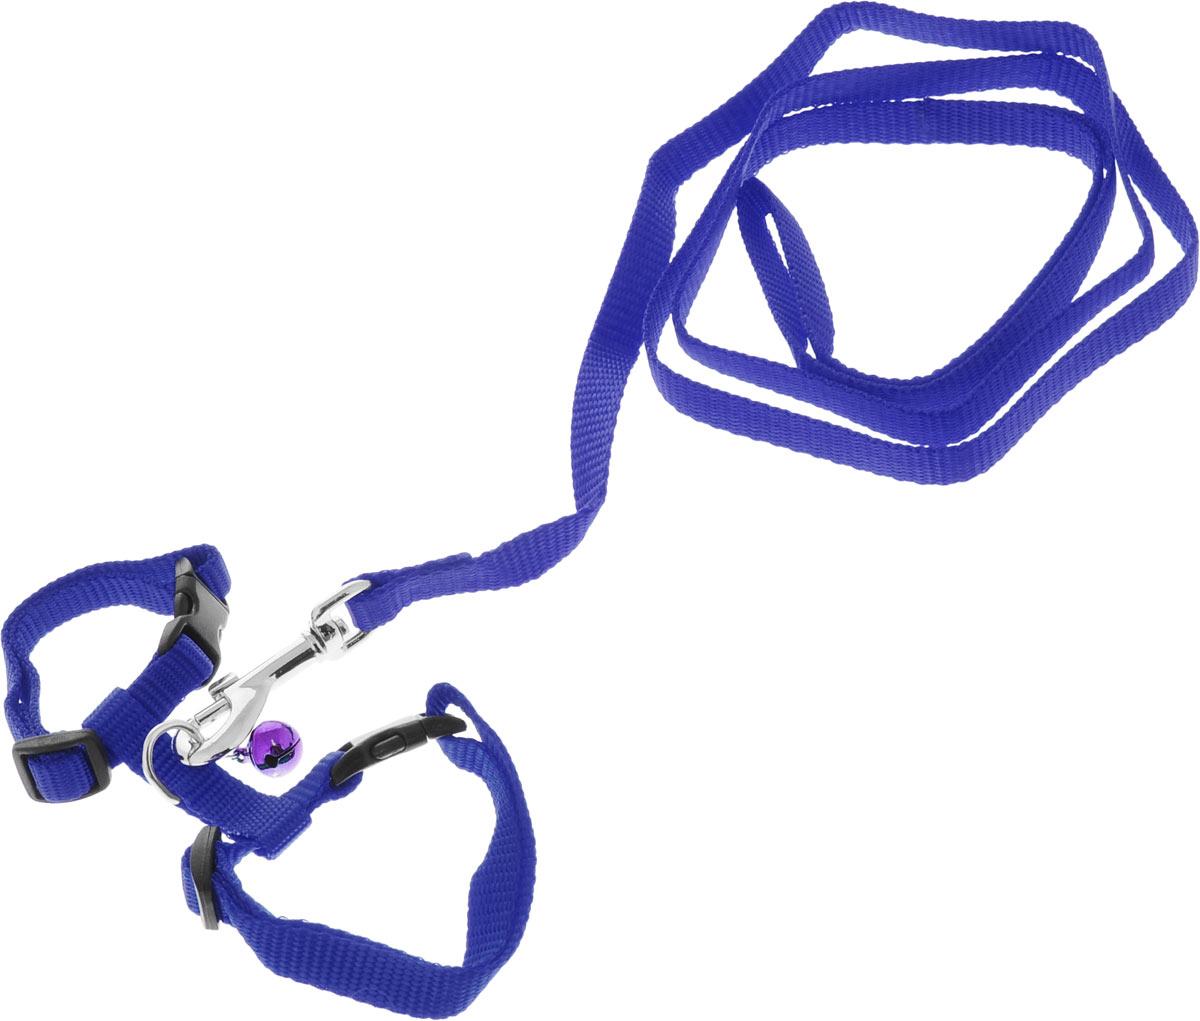 Шлейка для грызунов Каскад, с поводком, цвет: синий, ширина 10 мм, обхват груди 20-30 см01210011-06Шлейка изготовлена из прочного нейлона и дополнена бубенчиком, подходит для домашних грызунов. Крепкие металлические элементы делают еенадежной и долговечной. Шлейка - это альтернатива ошейнику. Правильно подобранная шлейка не стесняет движения питомца, не натирает кожу, поэтому животное чувствует себя в ней уверенно и комфортно. Размер регулируется при помощи пряжки.В комплекте поводок с металлическим карабином.Обхват груди: 20-30 см. Ширина шлейки: 1 см.Длина поводка: 108 см.